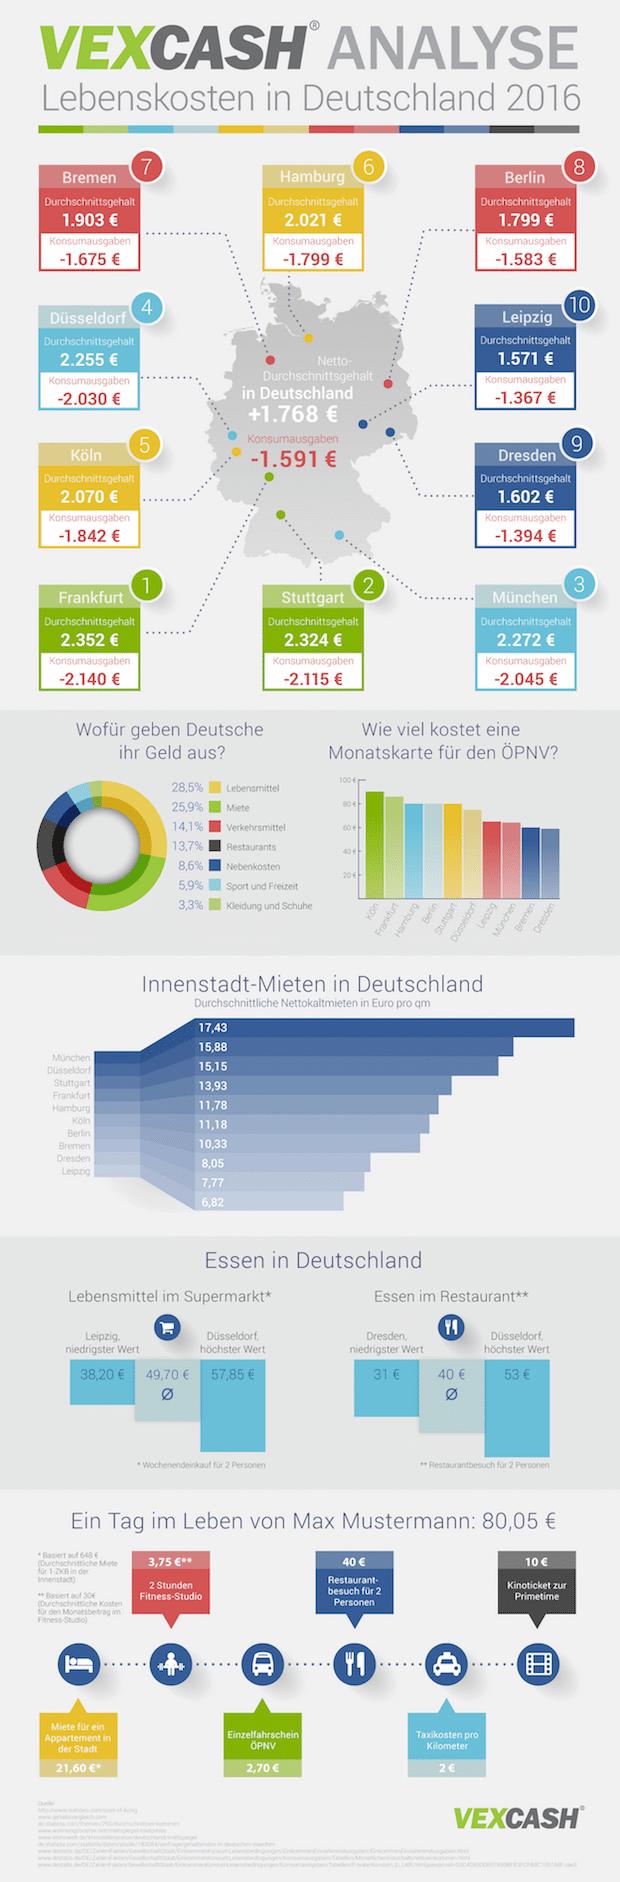 Photo of Zahlen und Fakten zu den Lebenshaltungskosten in Deutschland 2016